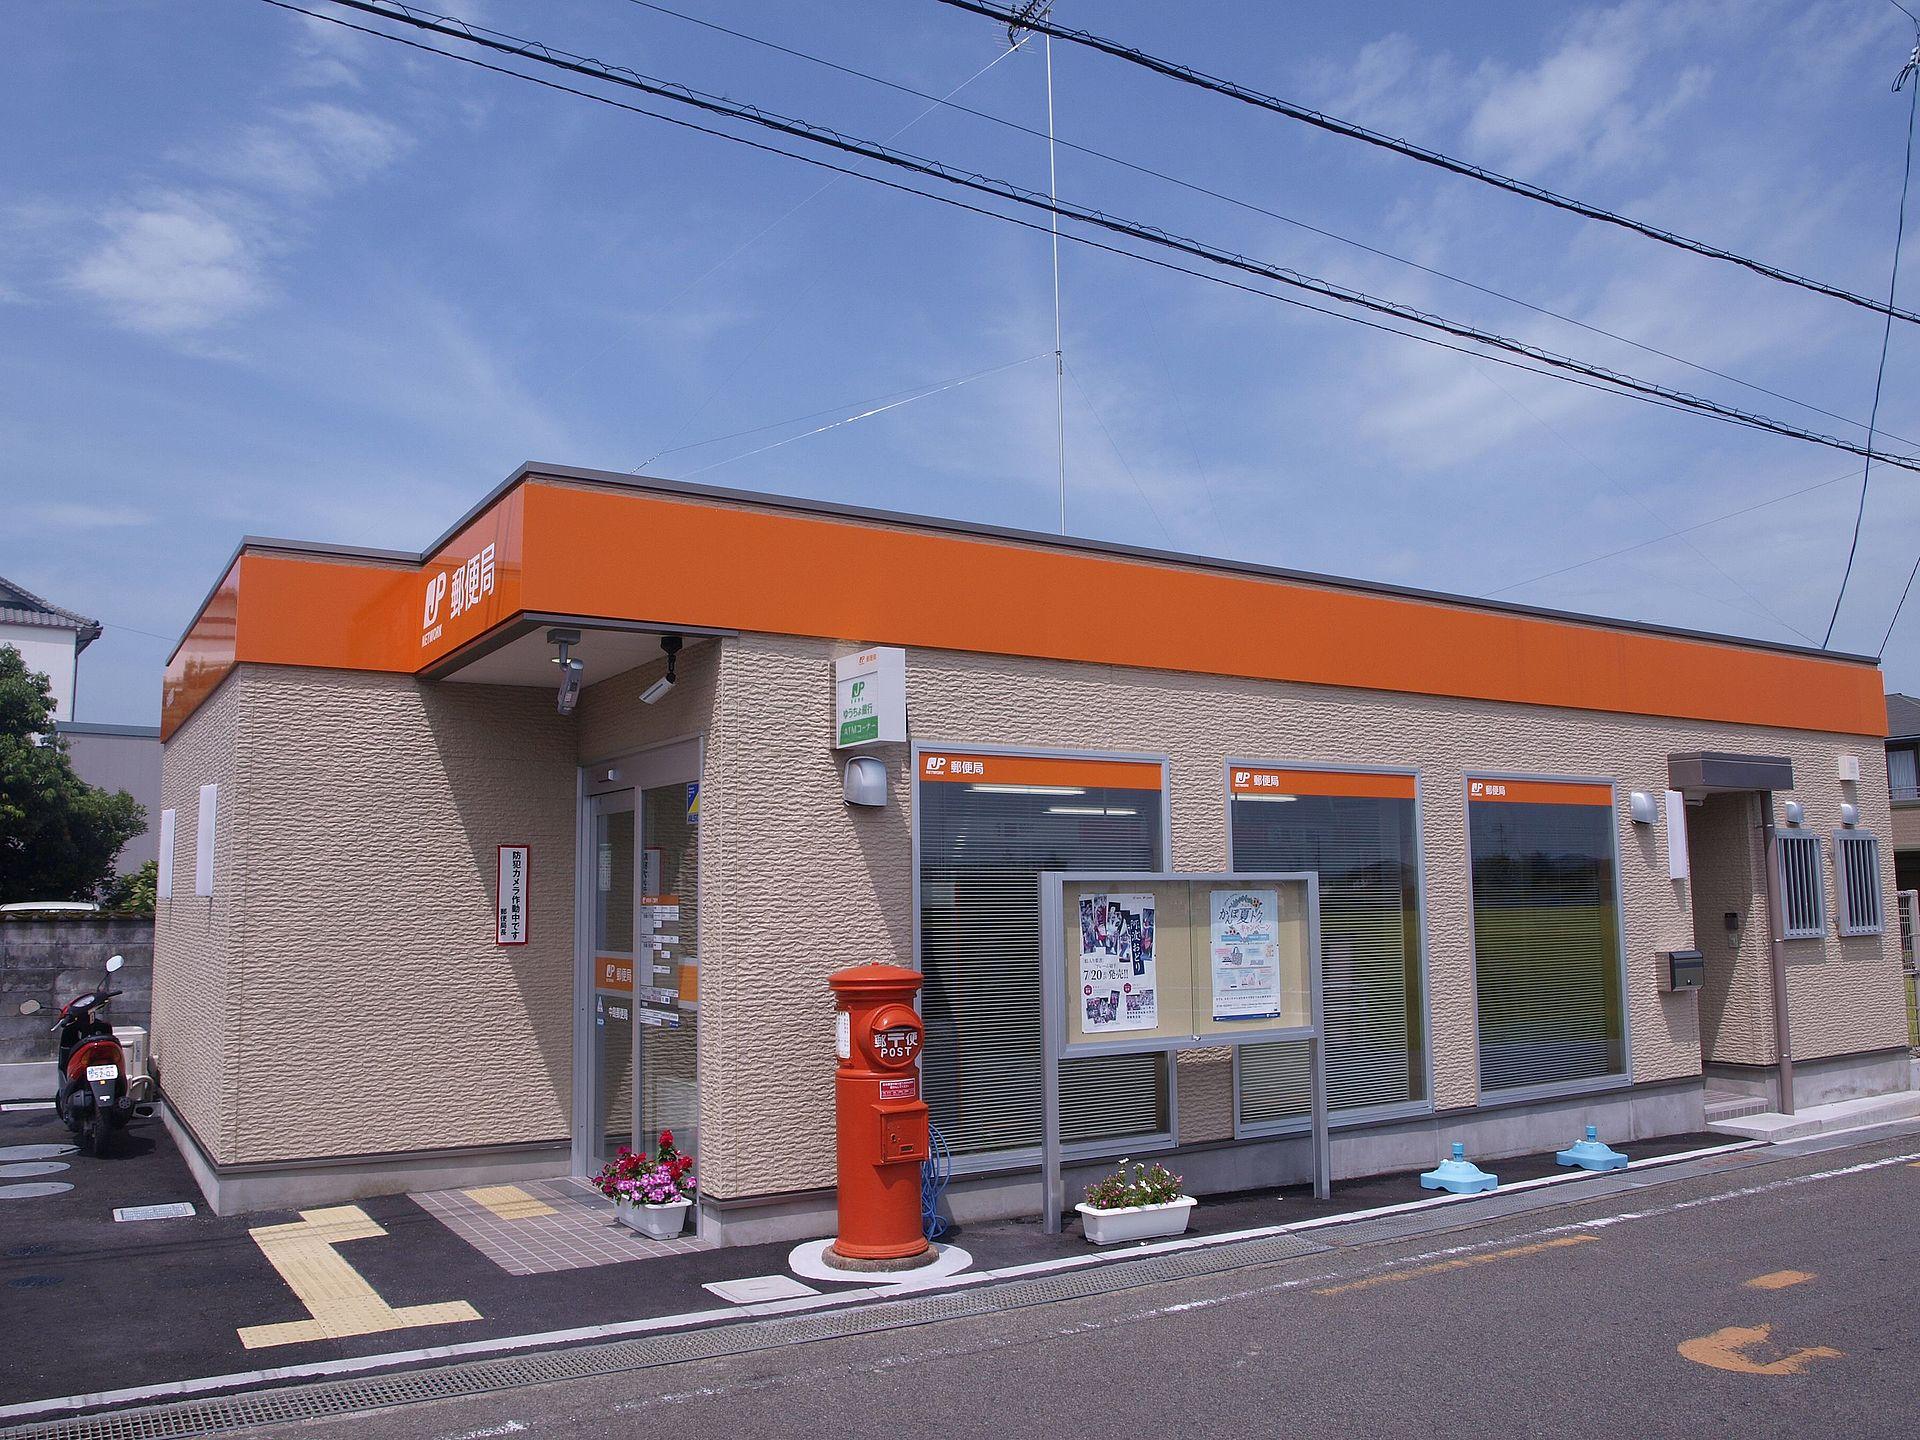 中島郵便局 (徳島県) - Wikipedia